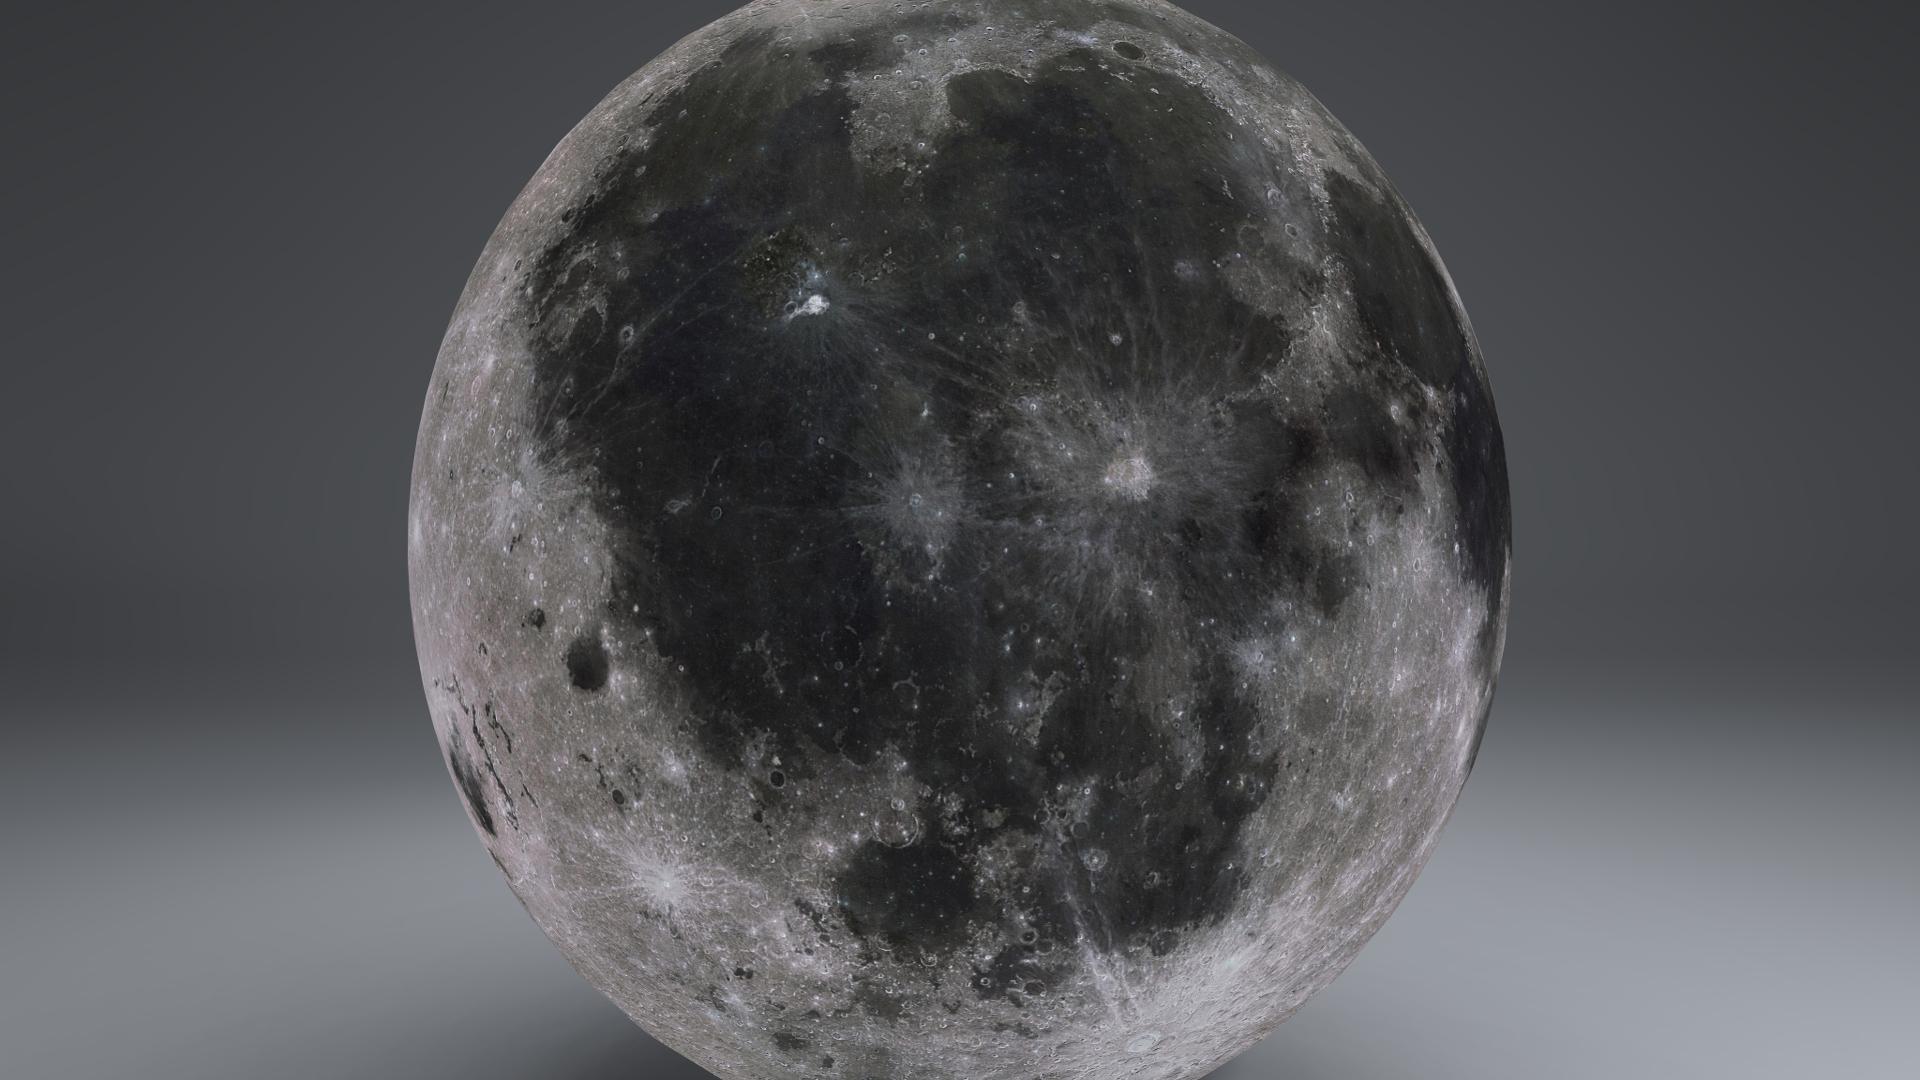 MoonGlobe 4k 3d model 3ds fbx blend dae obj 221758